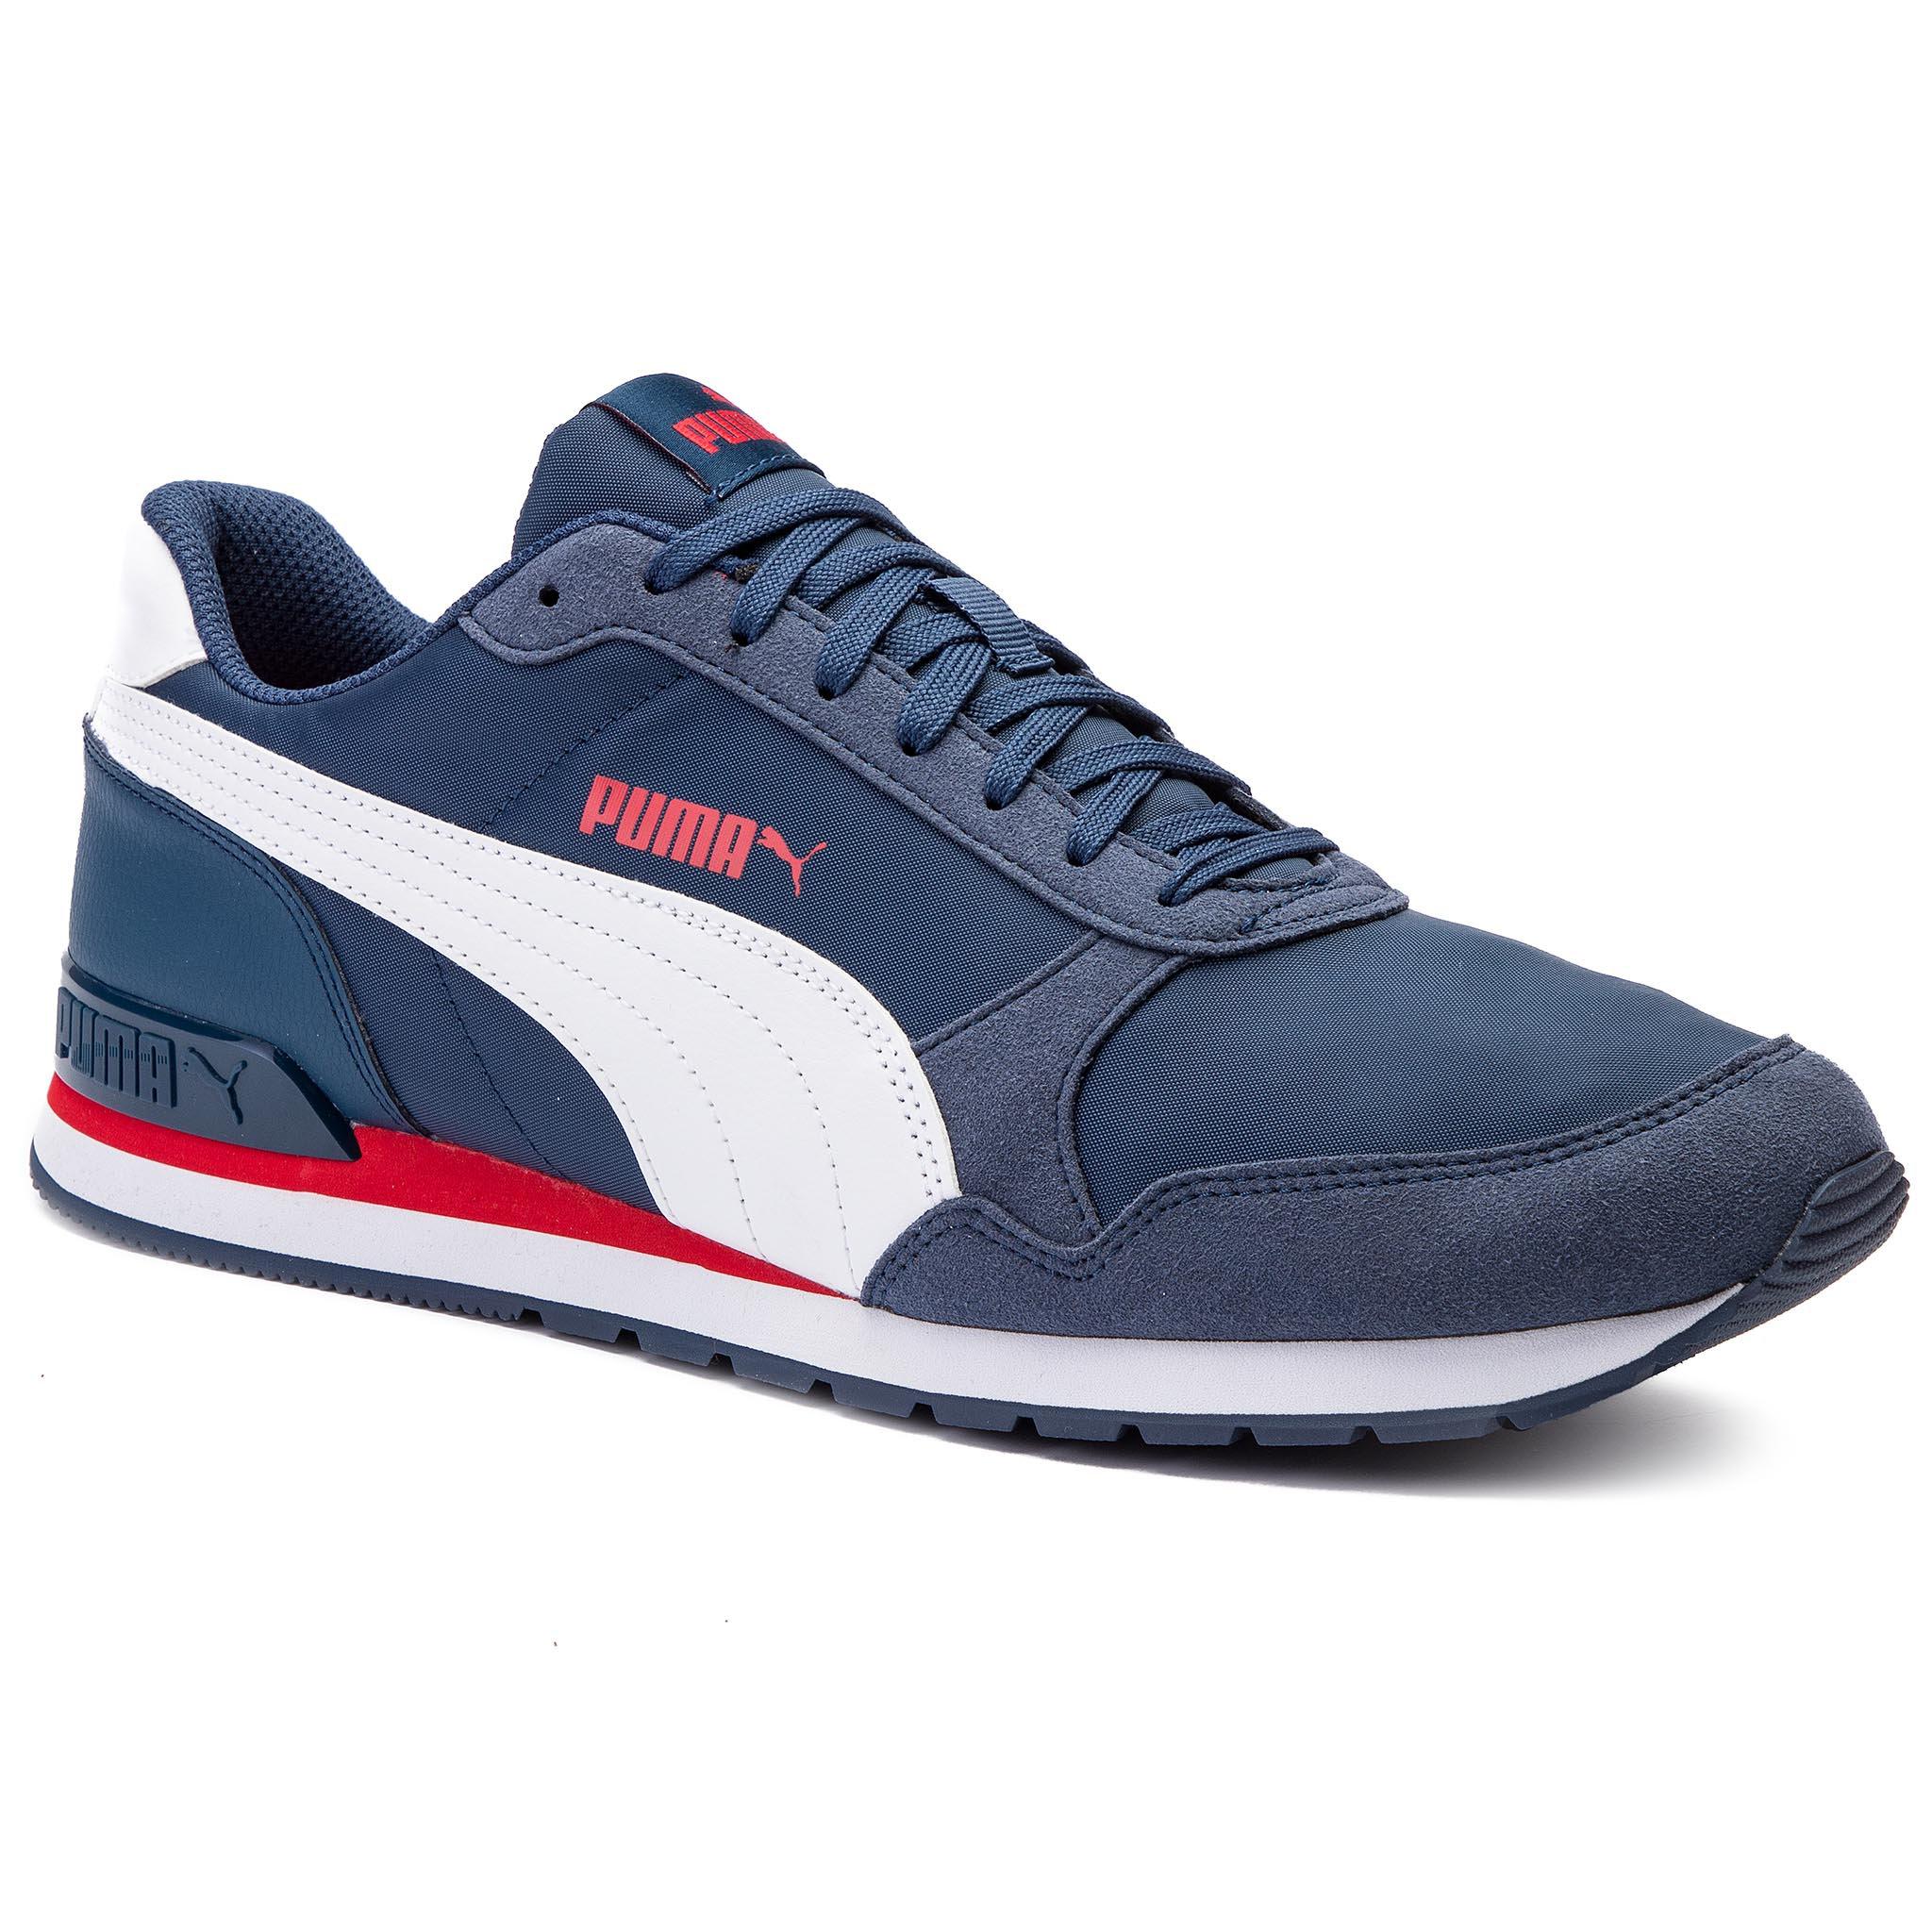 2791a9f34 Sports footwear Puma 36527803 ST Runner v2 NL Cobalt blue Men's -  https://ccc.eu